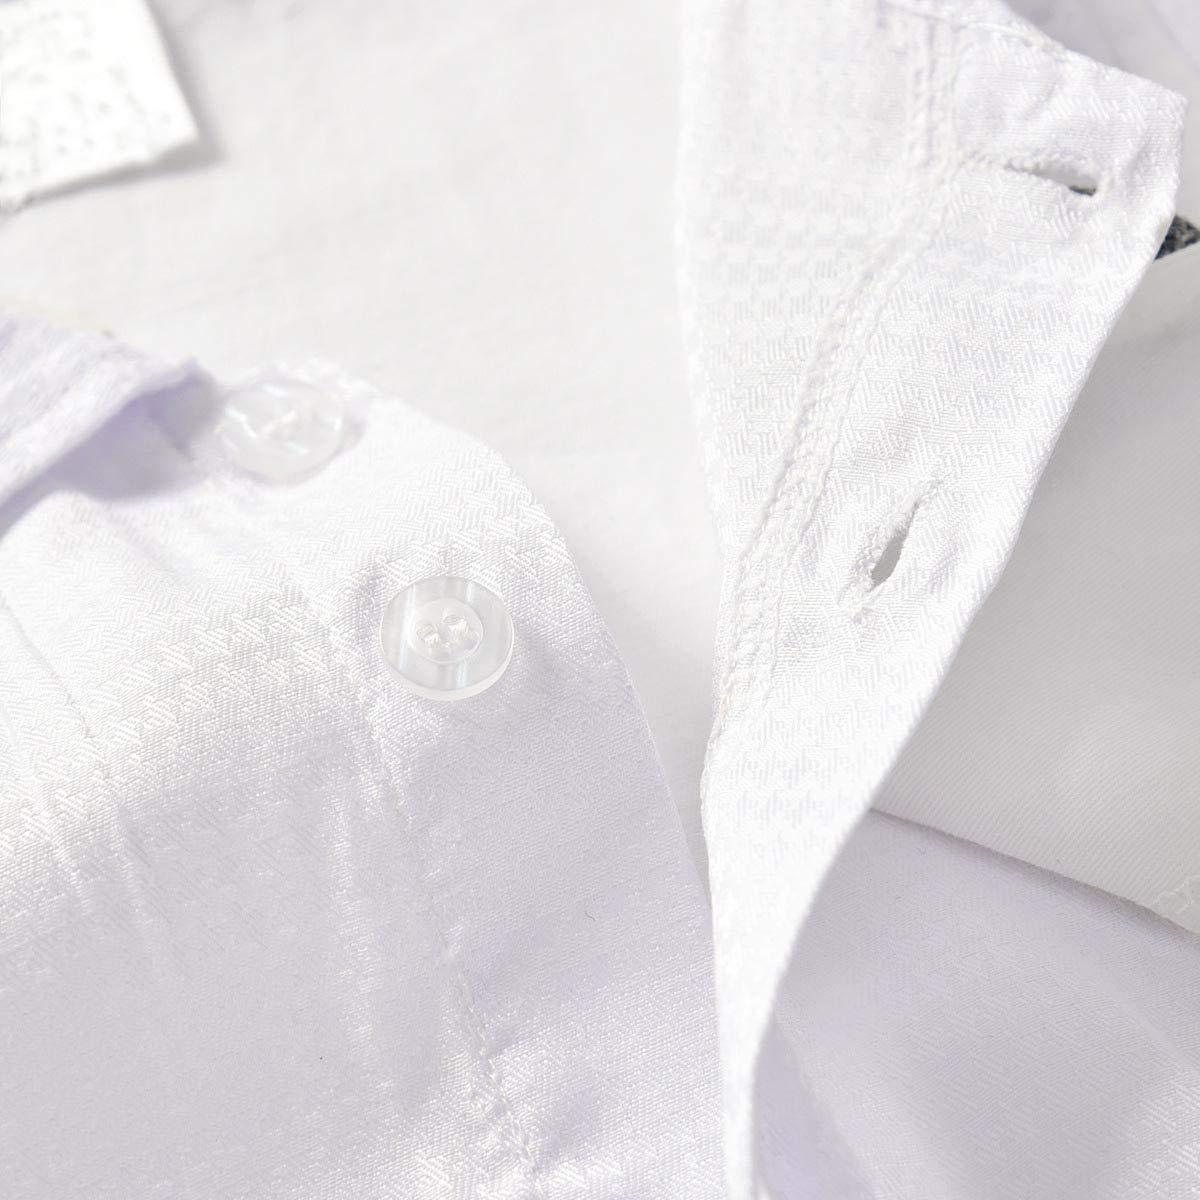 FCQNY Infant Baby Boy One Piece Gentleman Bowtie Shirt Vest Suit Rompers Jumpsuit